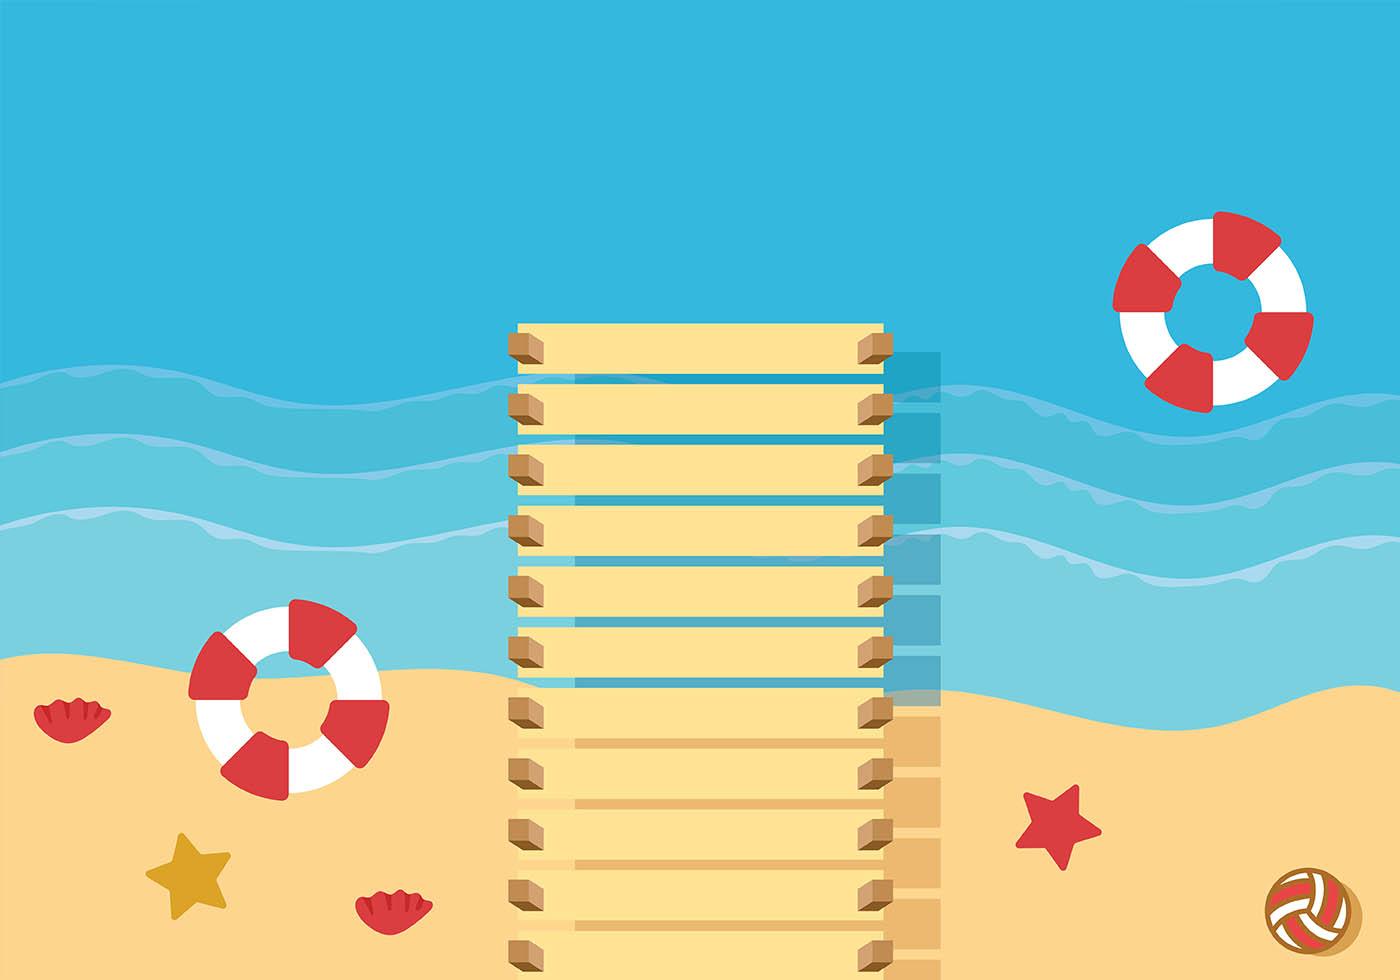 Boardwalk Background Vector Download Free Vector Art